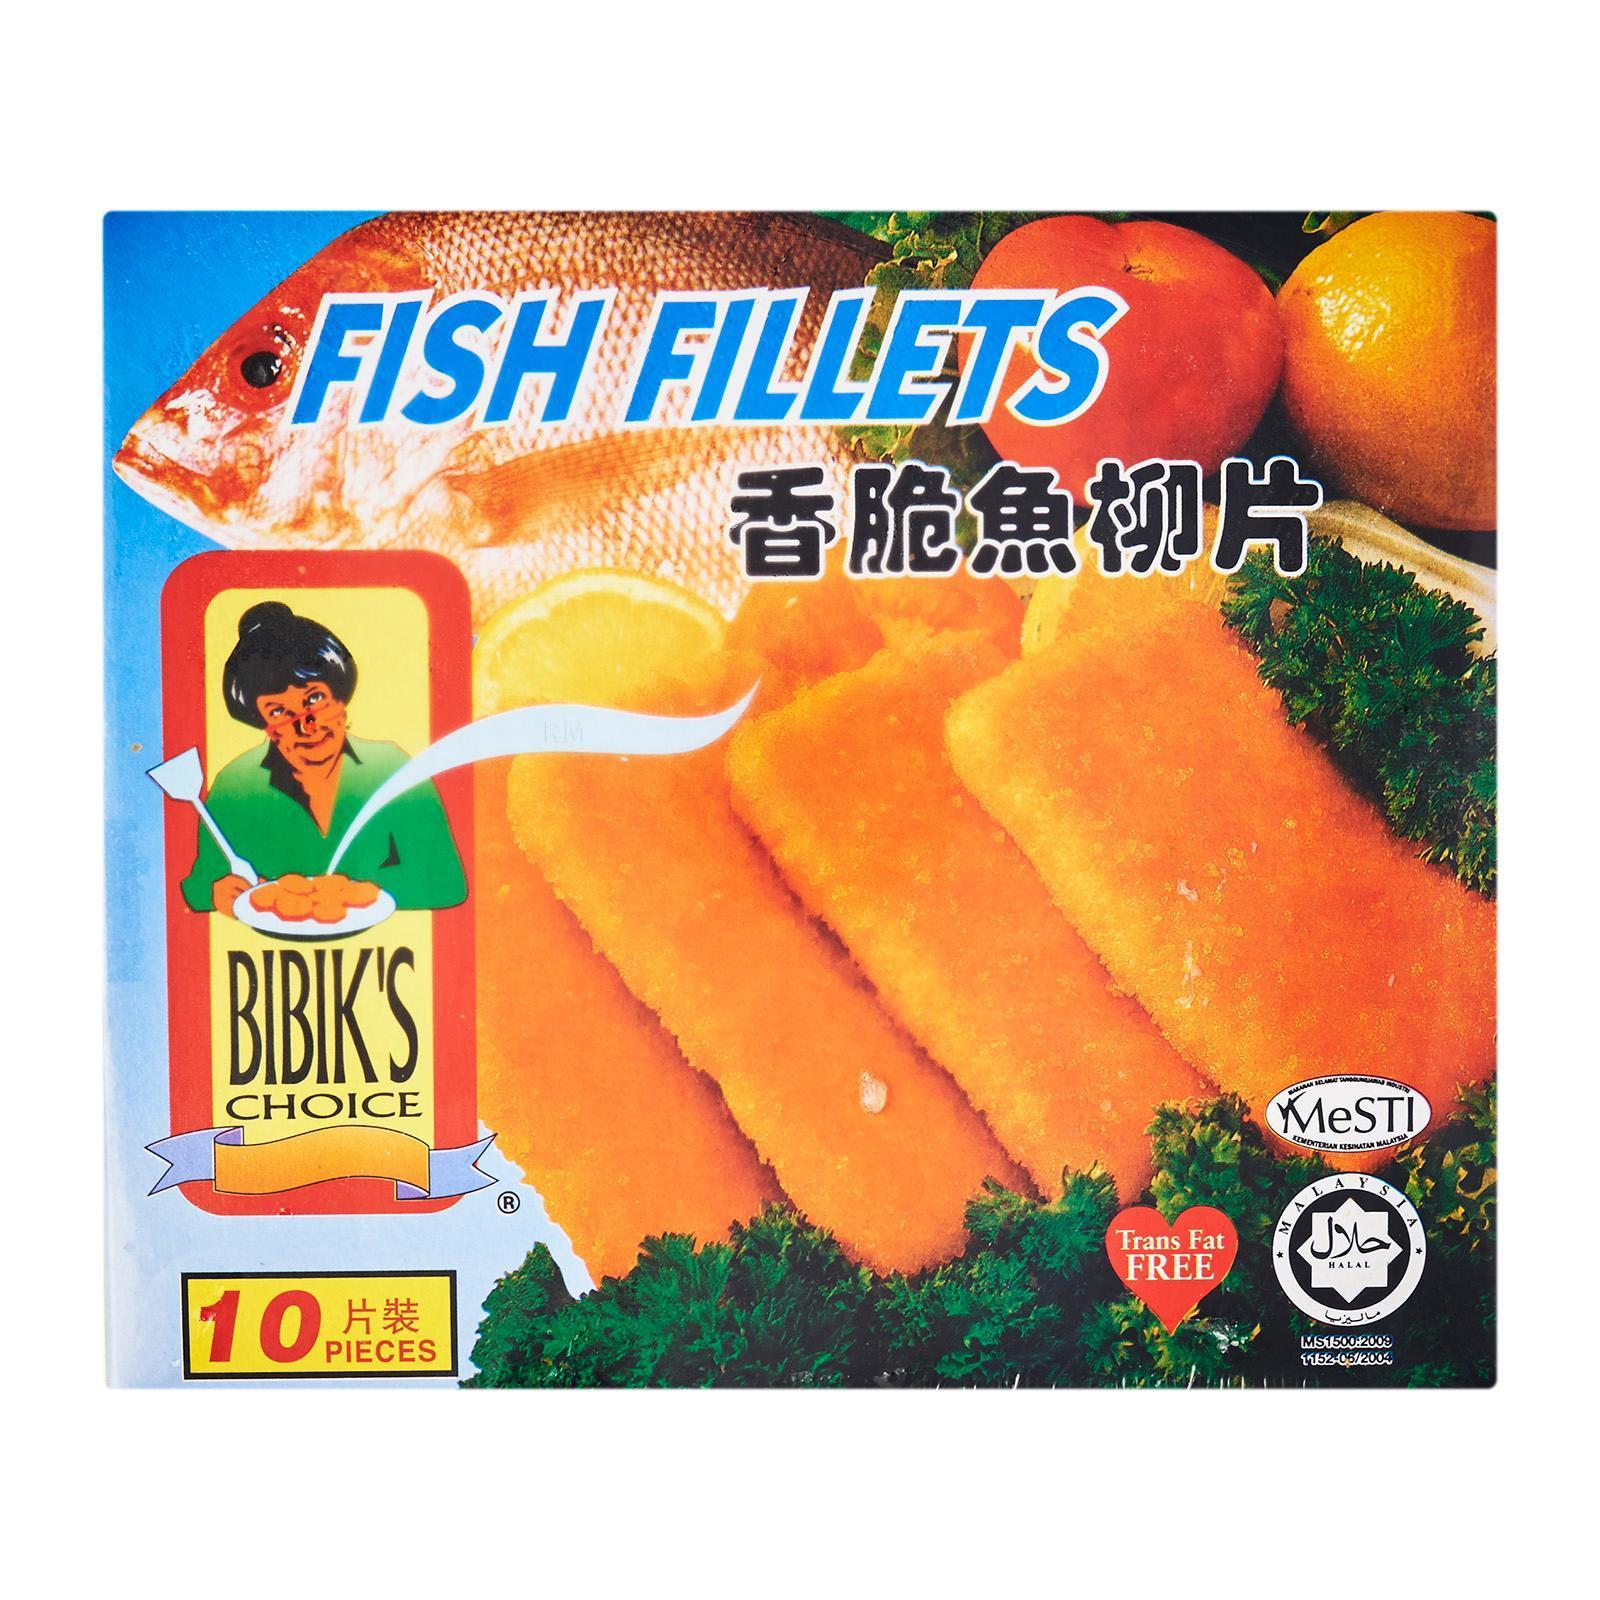 Bibik's Choice Fish Fillet (10 Pieces) - Frozen